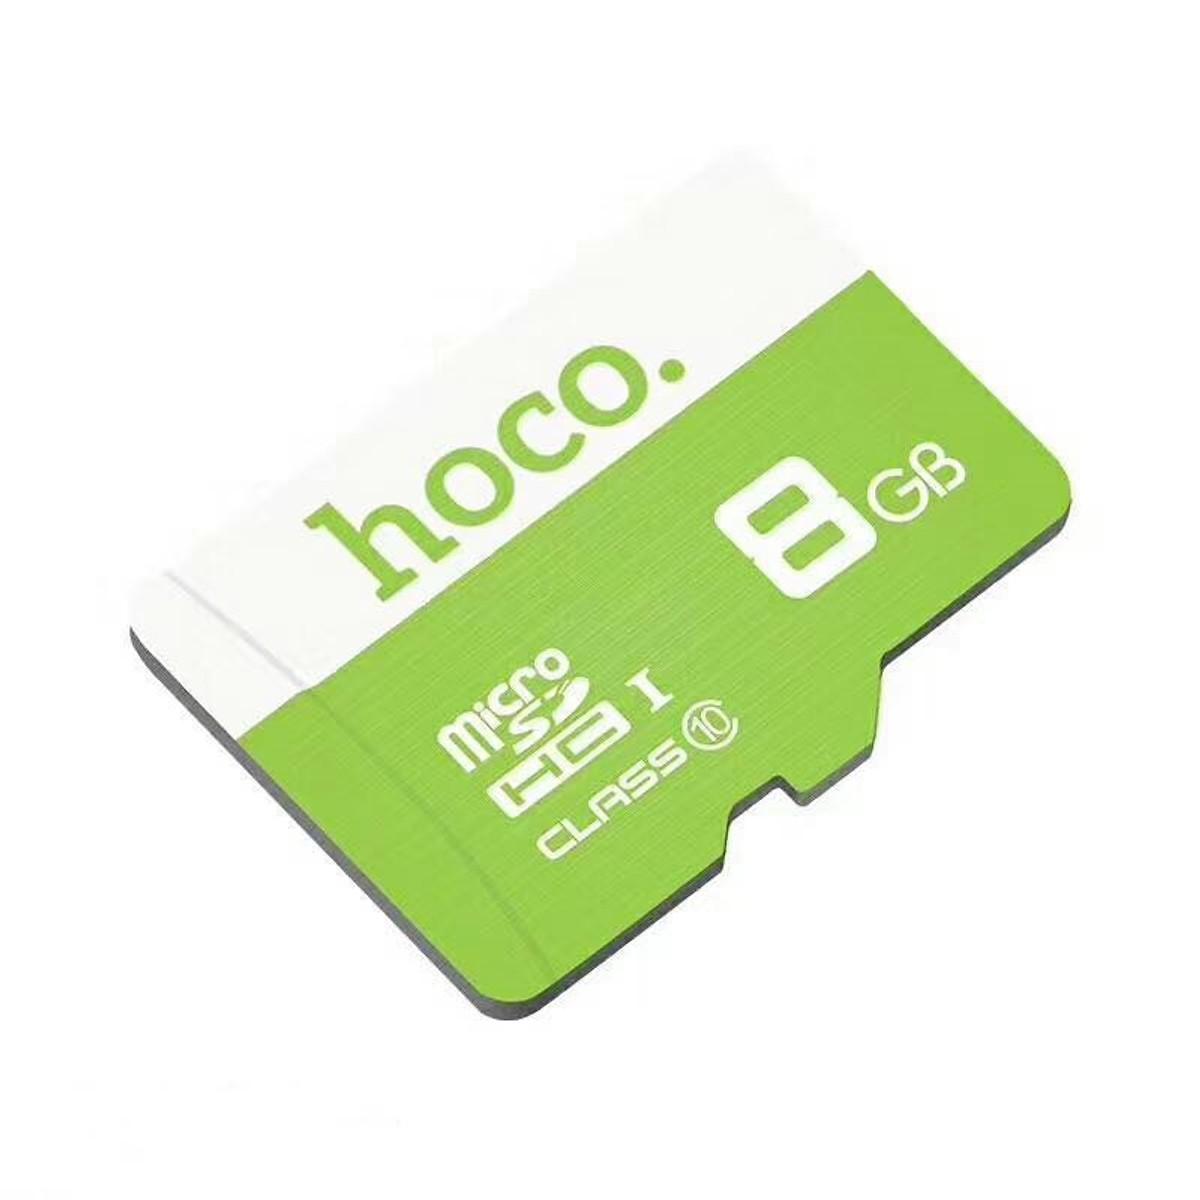 Thẻ nhớ Hoco MicroSD dung lượng 8/16/32/64Gb - Chính hãng